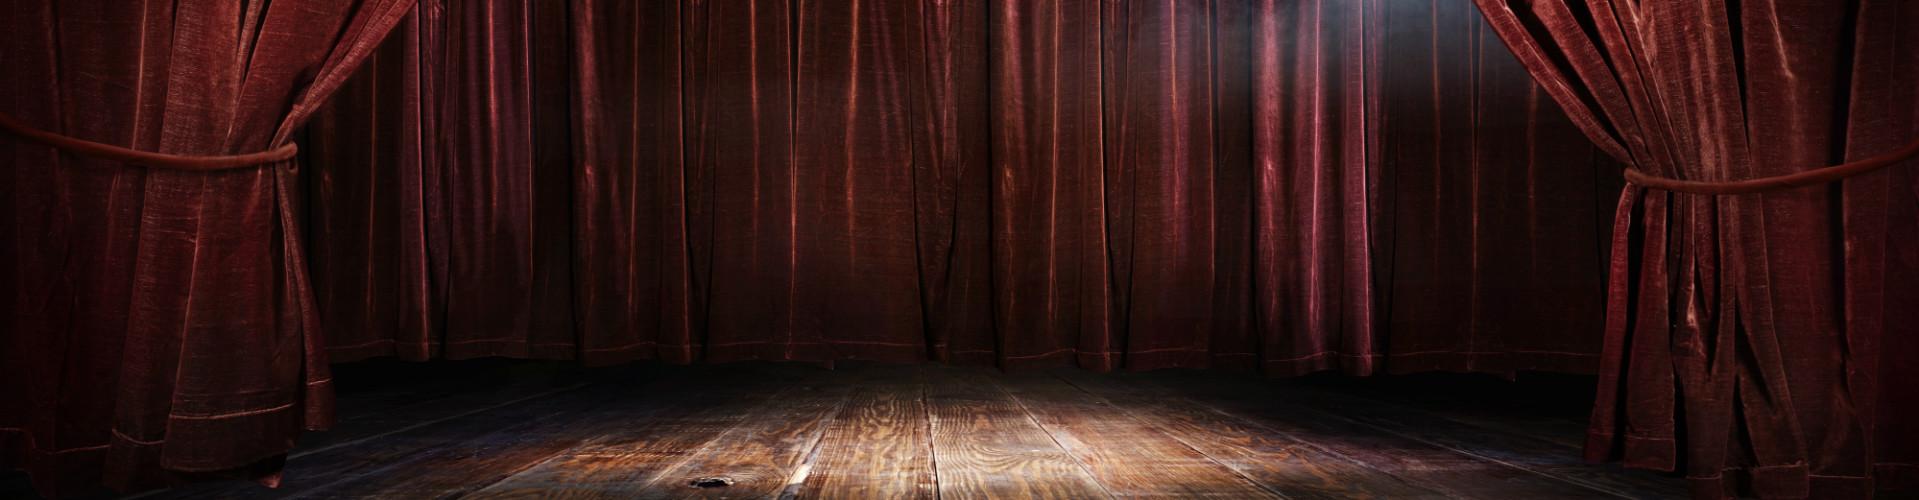 Blick auf Bühne © vitaliy_melnik, adobe.stock.com